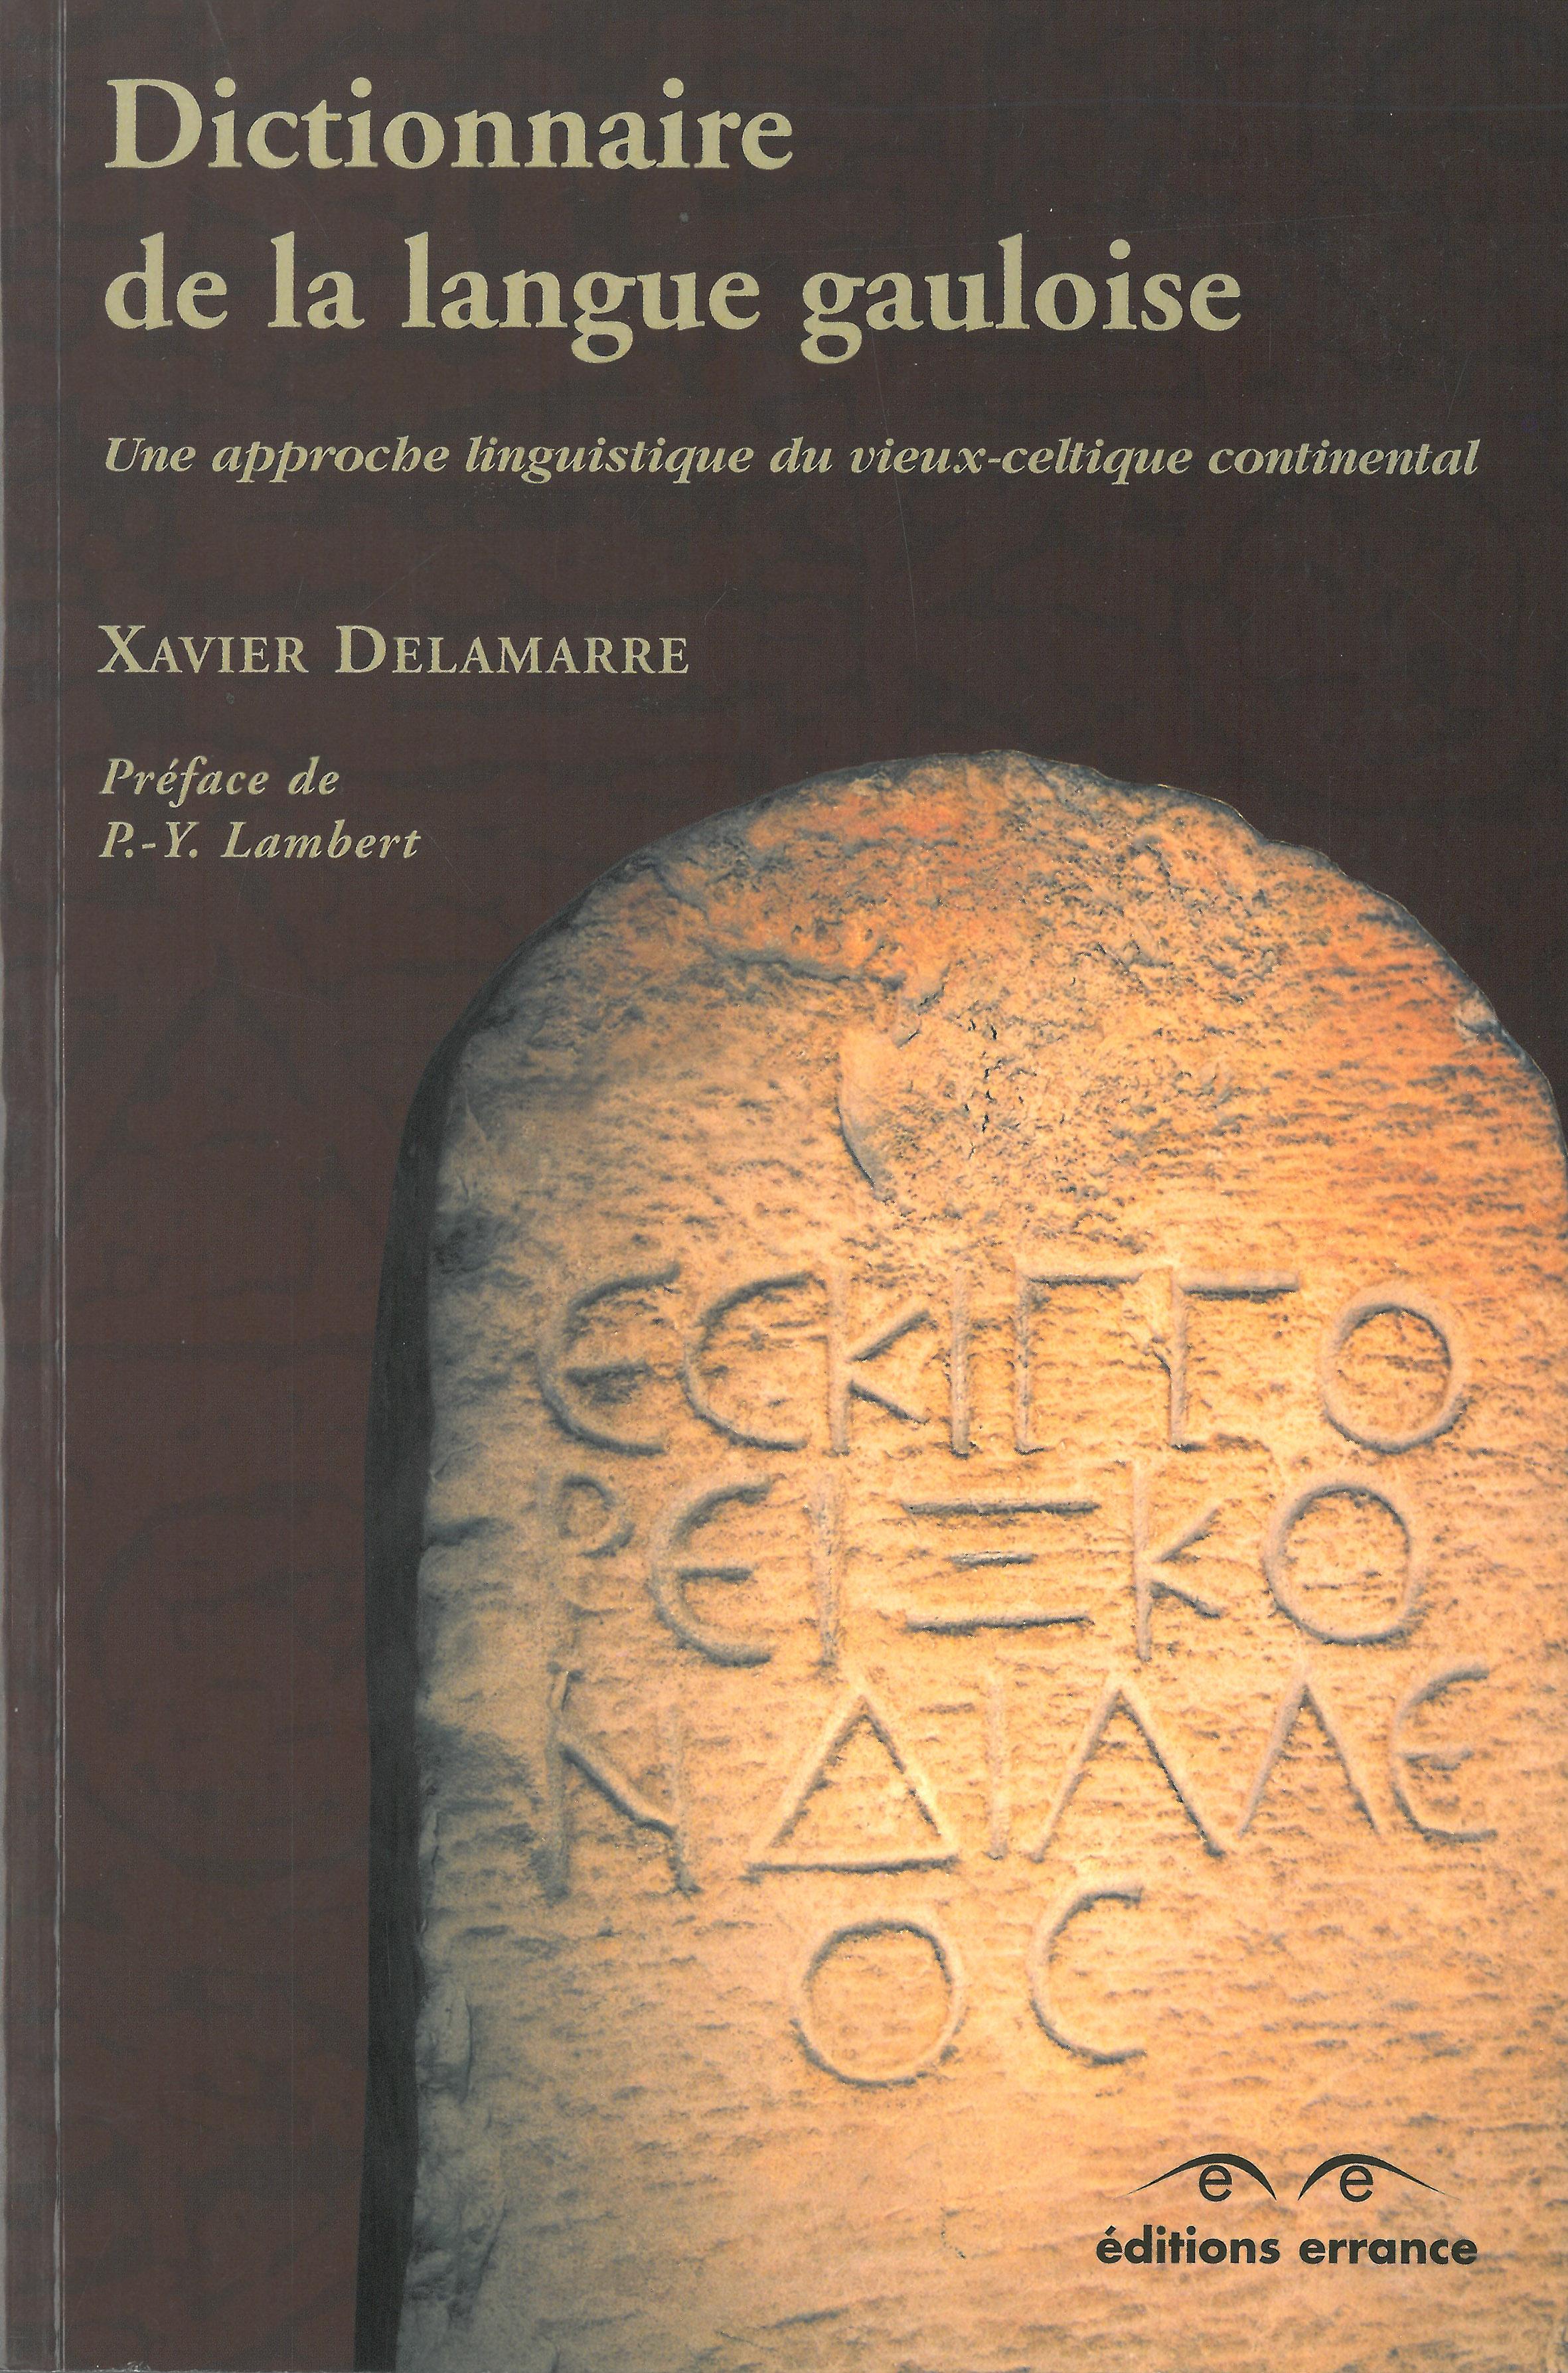 Dictionnaire de la langue gauloise. Une approche linguistique du vieux-celtique continental